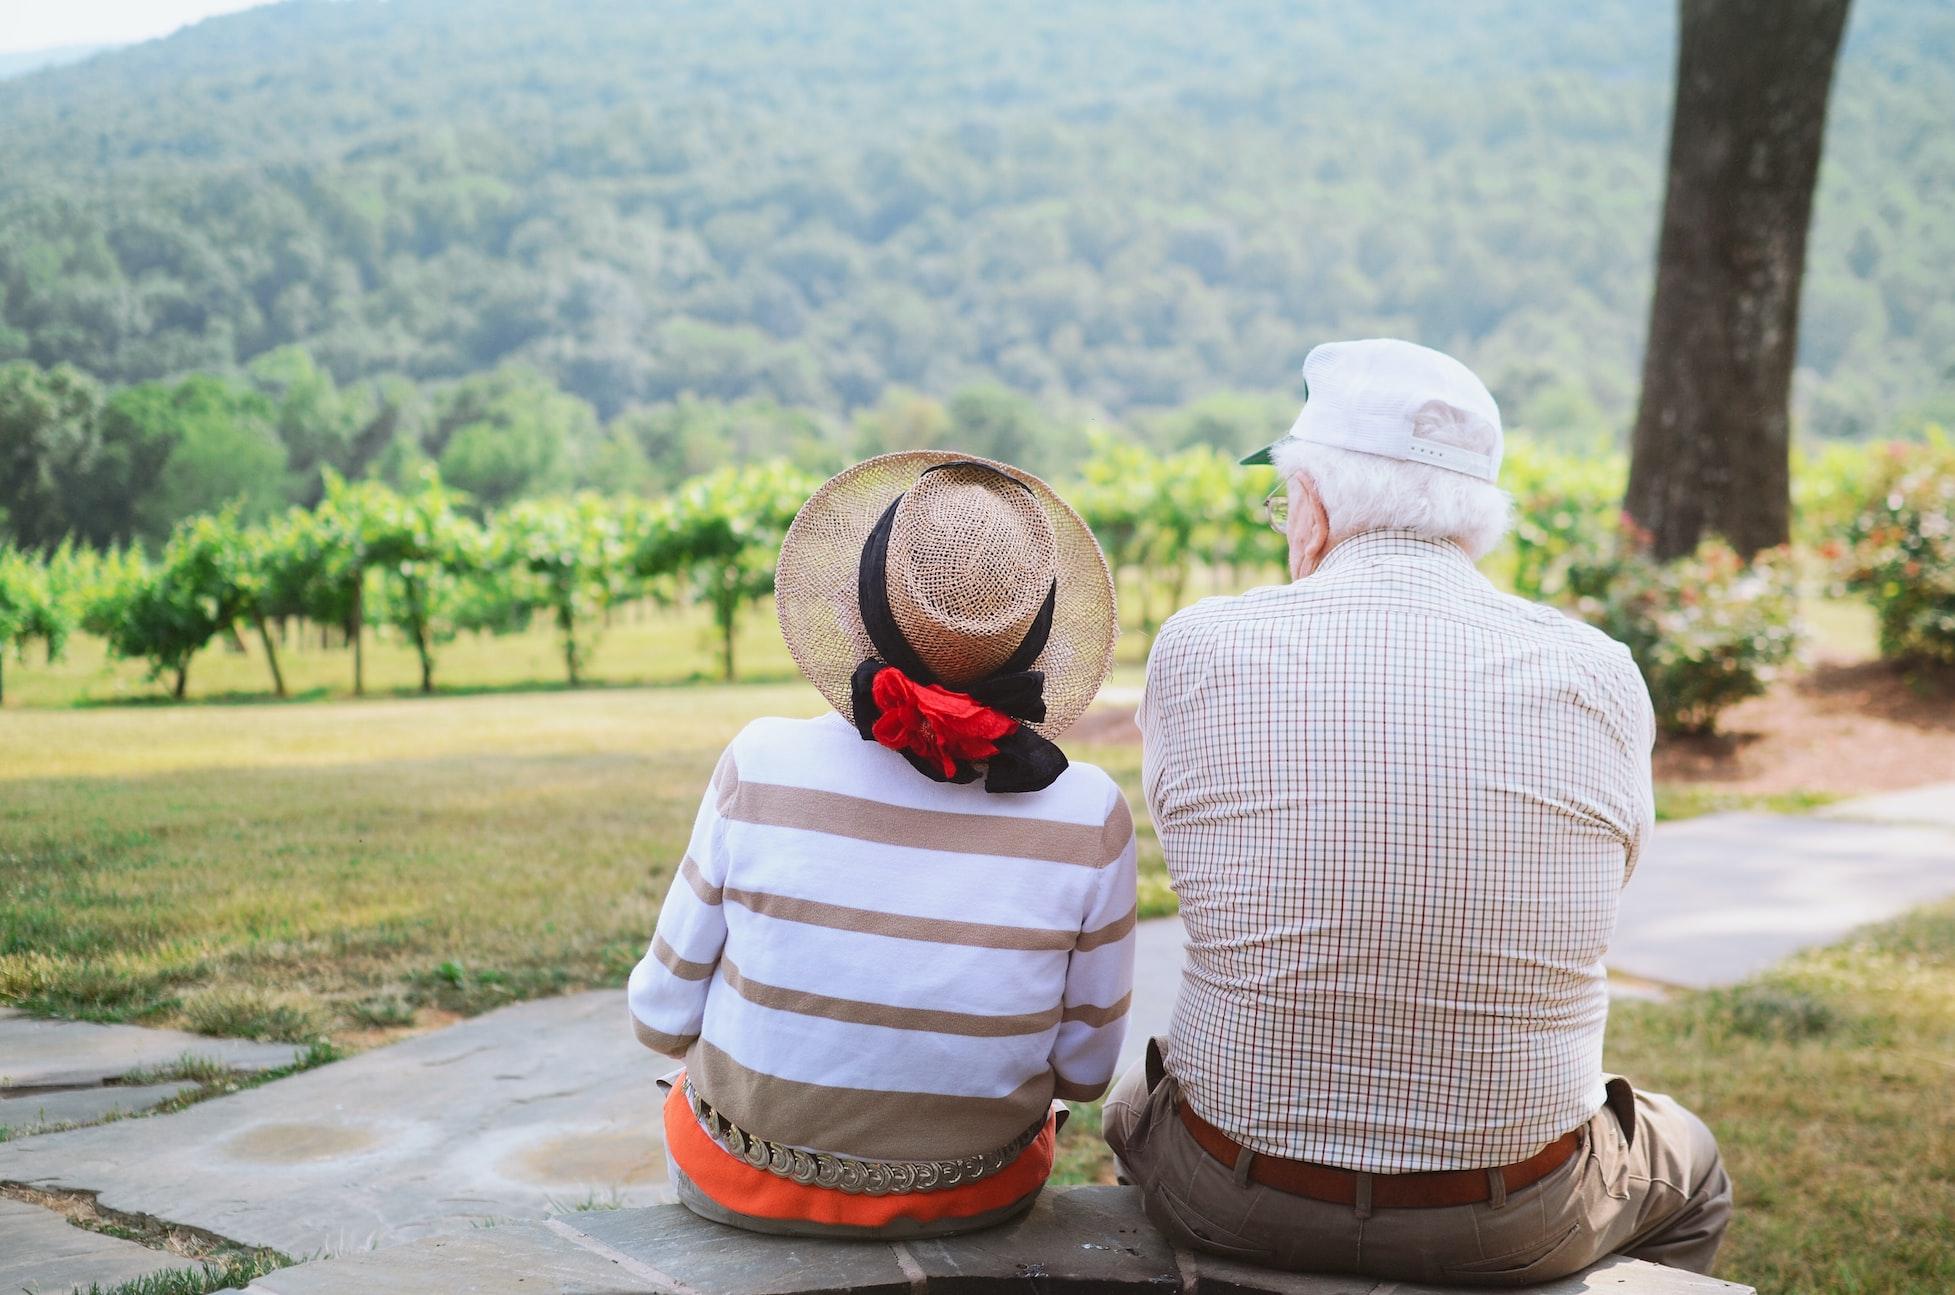 Śmieszne prezenty na dzień babci i dziadka - nasze propozycje!